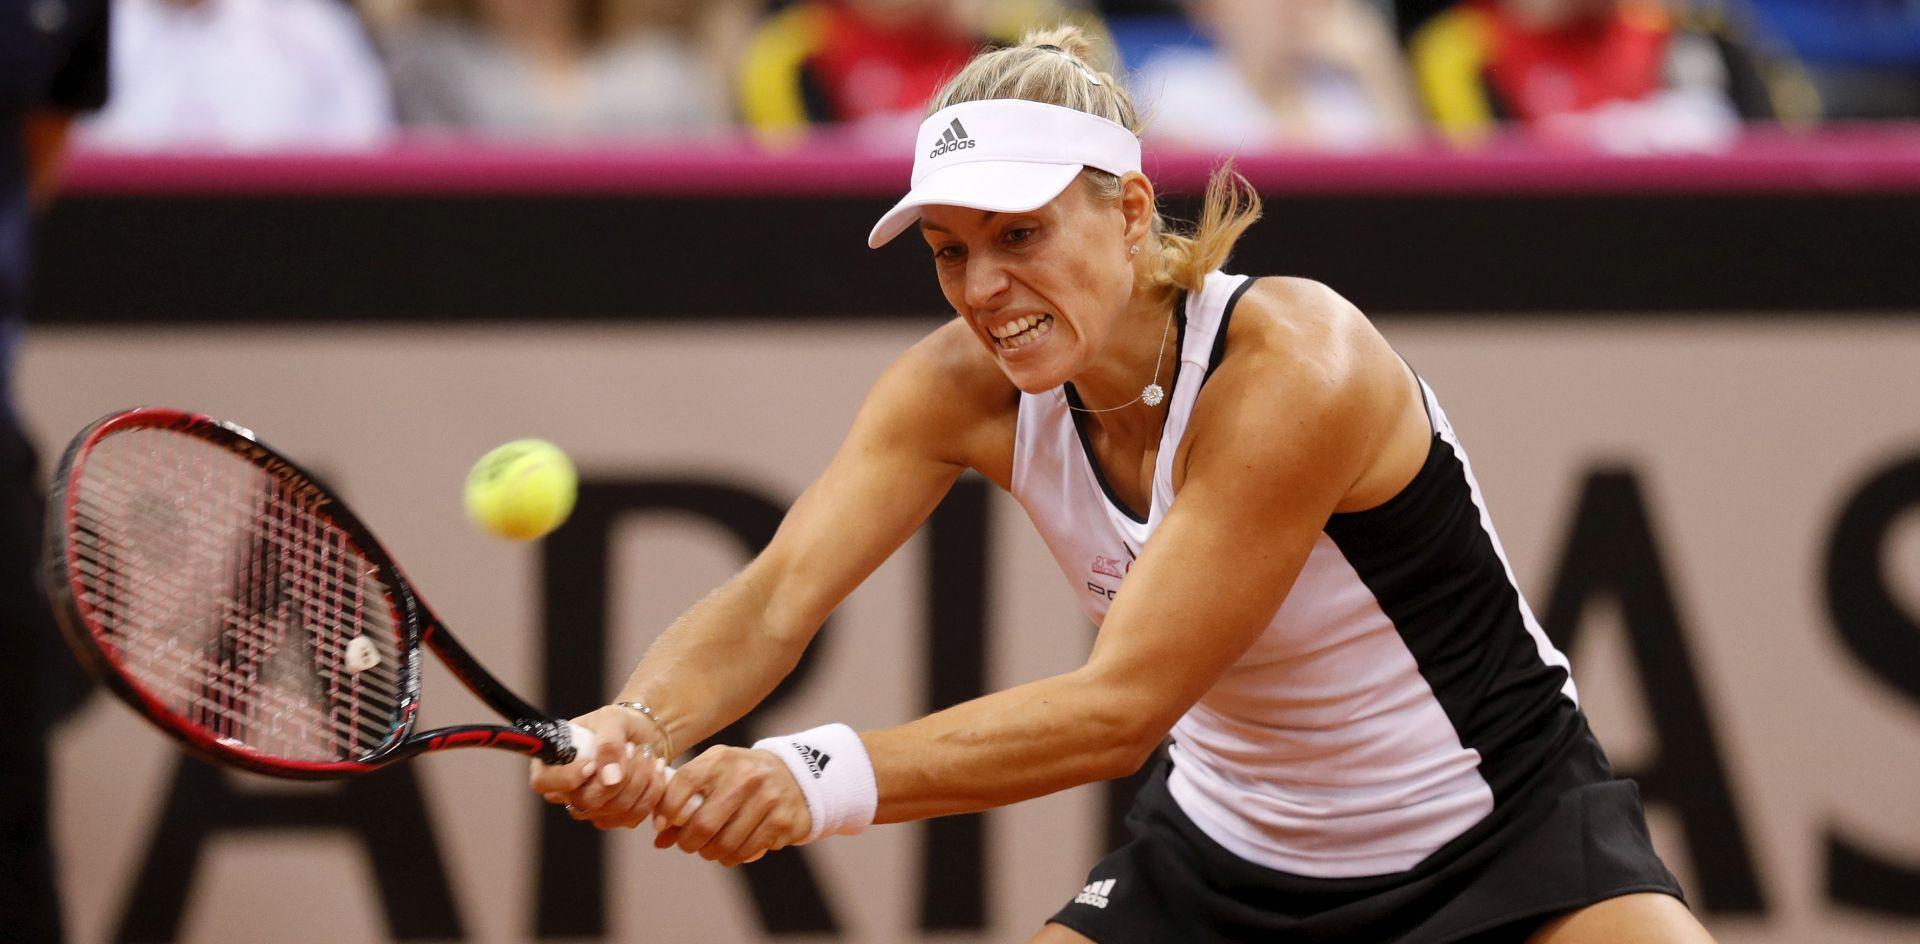 WTA LJESTVICA Kerber na vrhu, Lučić-Baroni 22.